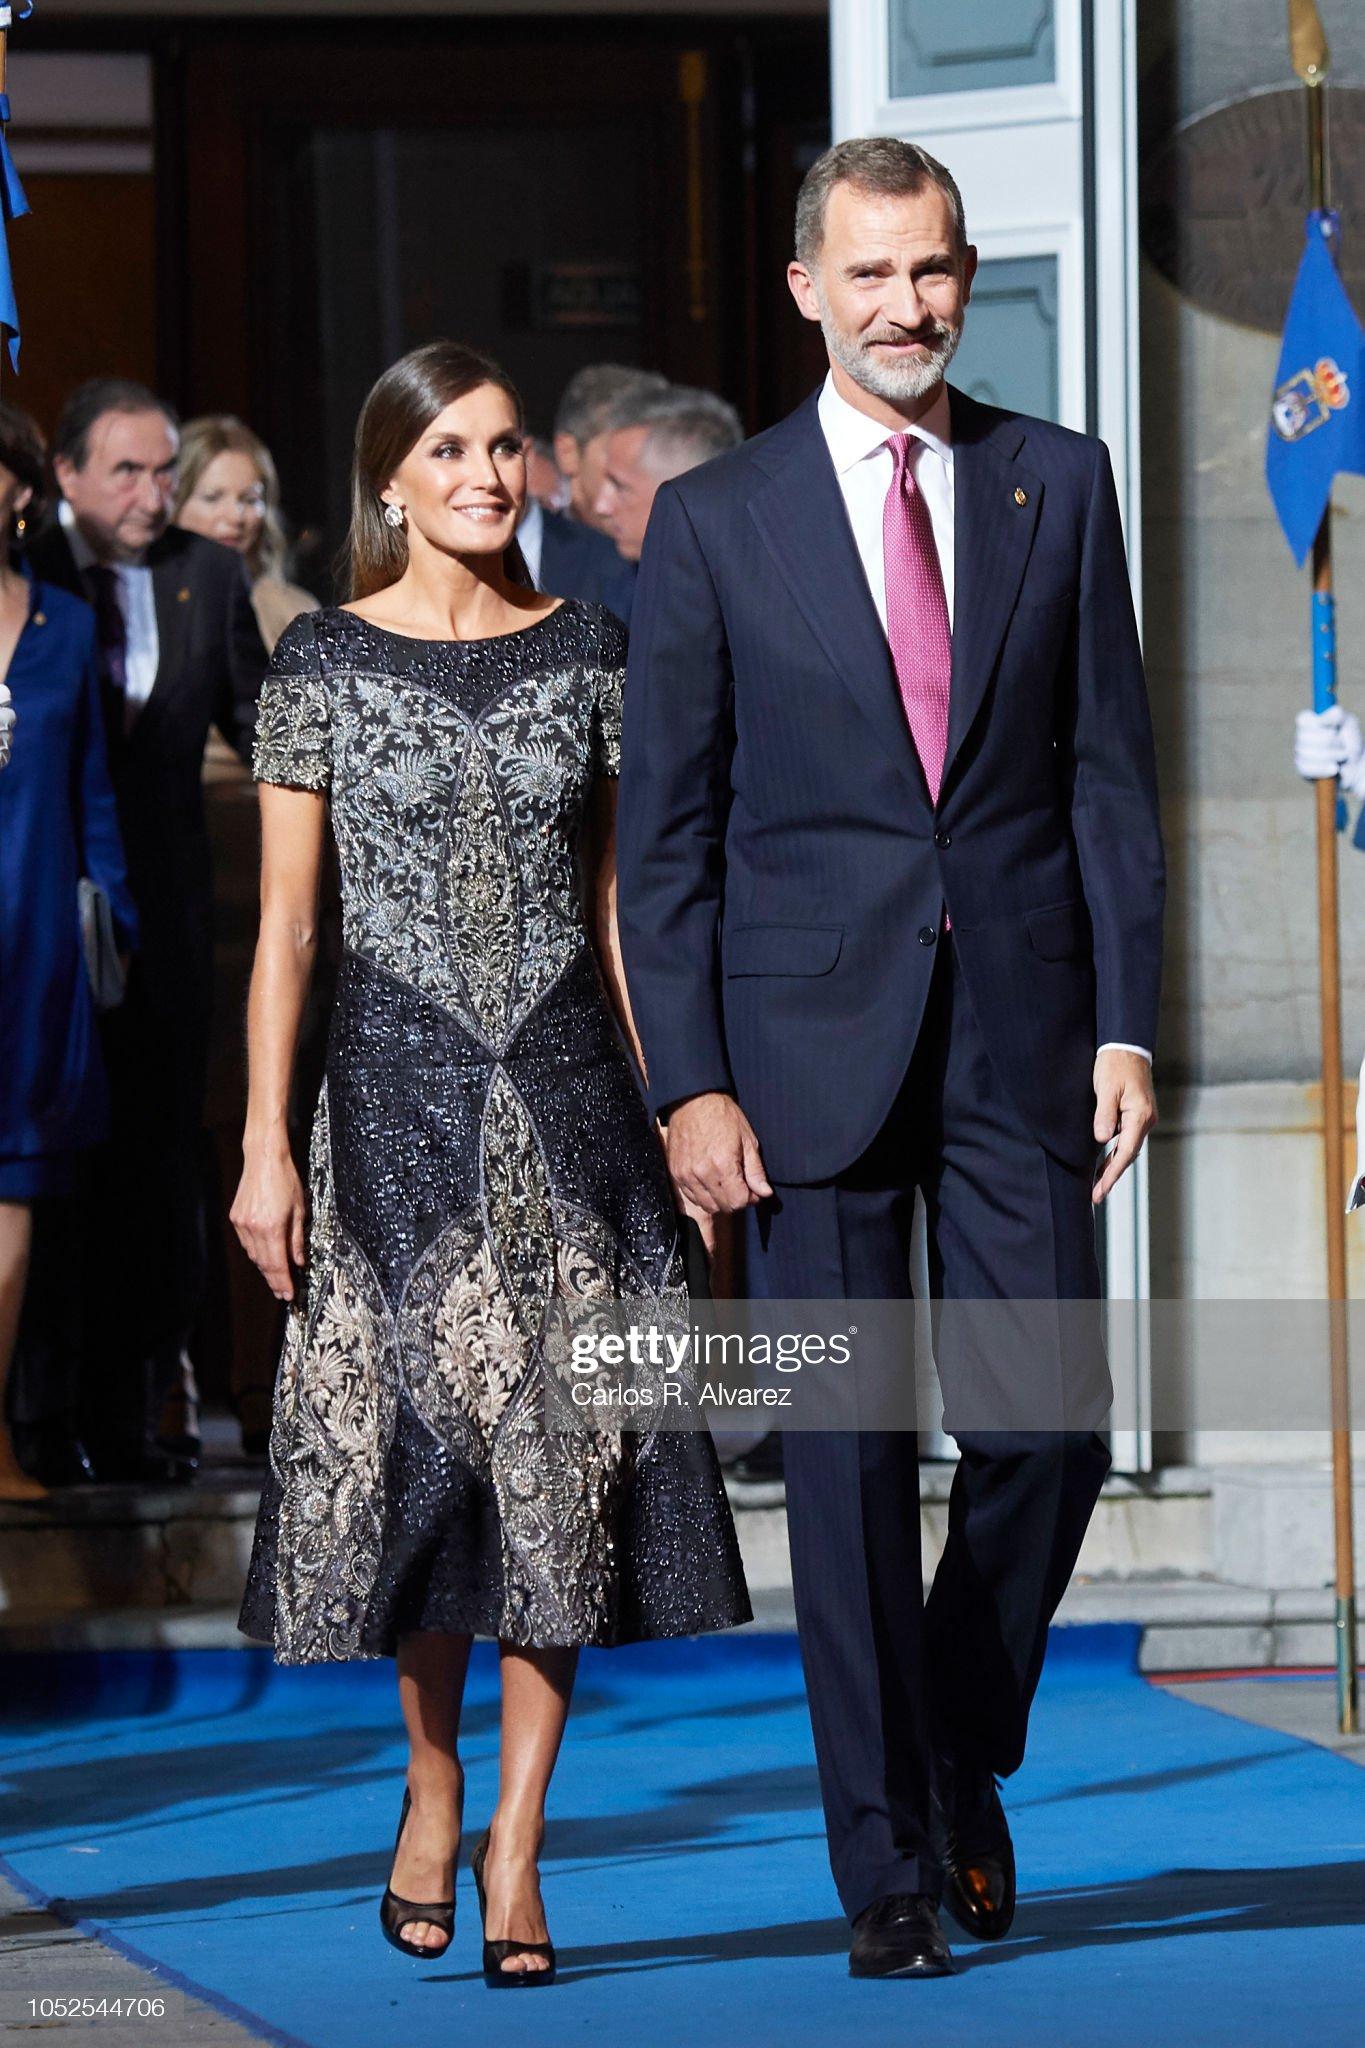 'Princesa De Asturias' Awards 2018 - Day 2 : News Photo